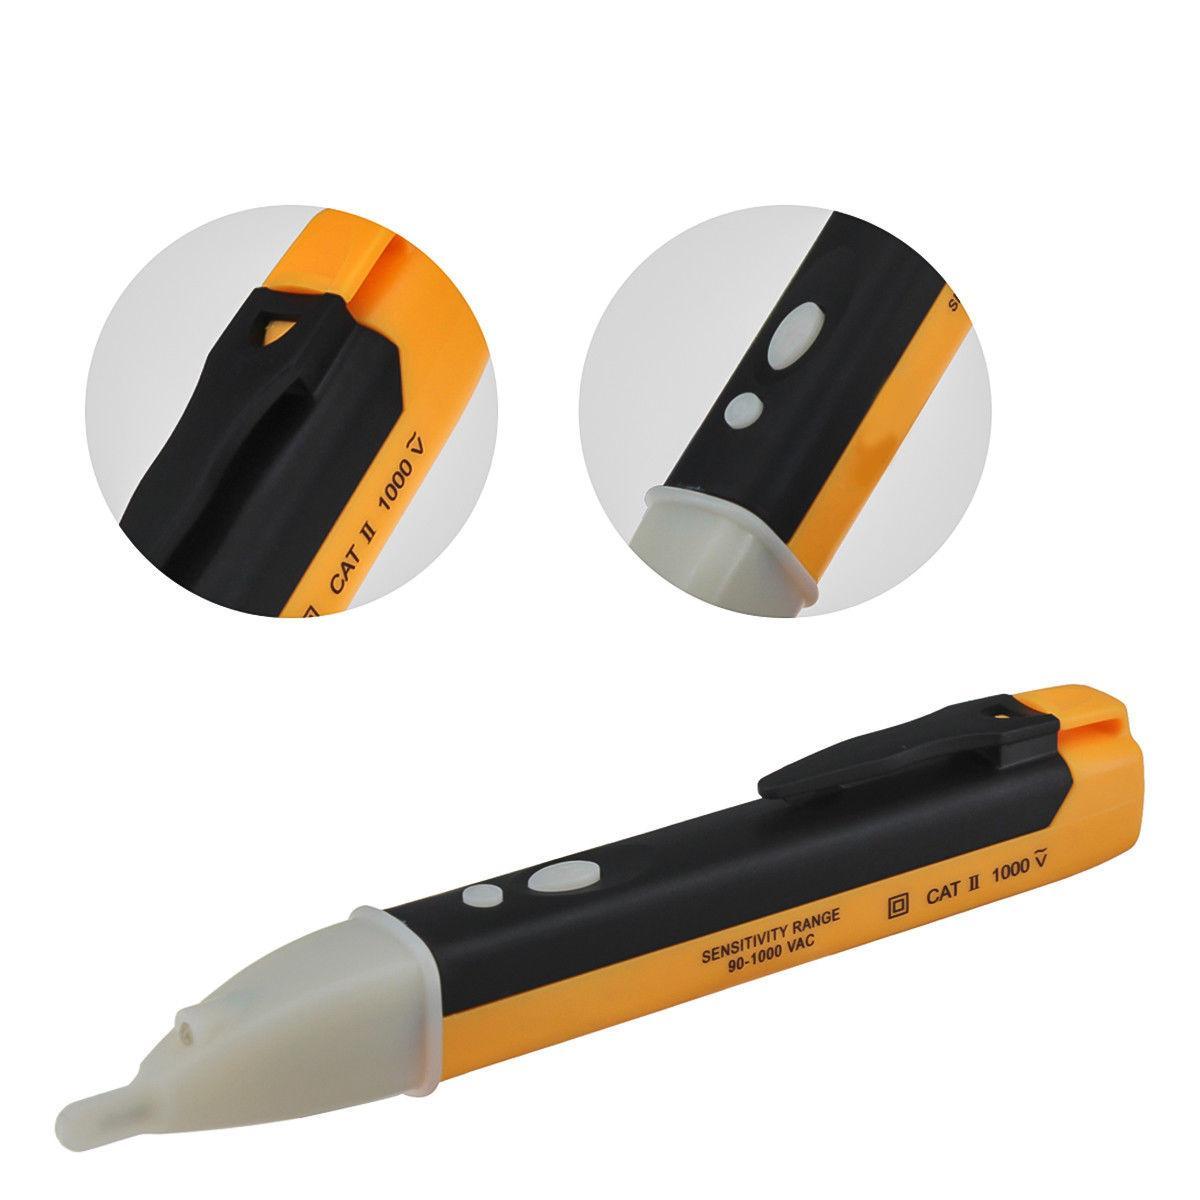 전압 표시기 소켓 벽 AC 전원 콘센트 전압 감지기 센서 테스터 펜 LED 조명 90-1000V 전력 도구 CCA11676 50pcs